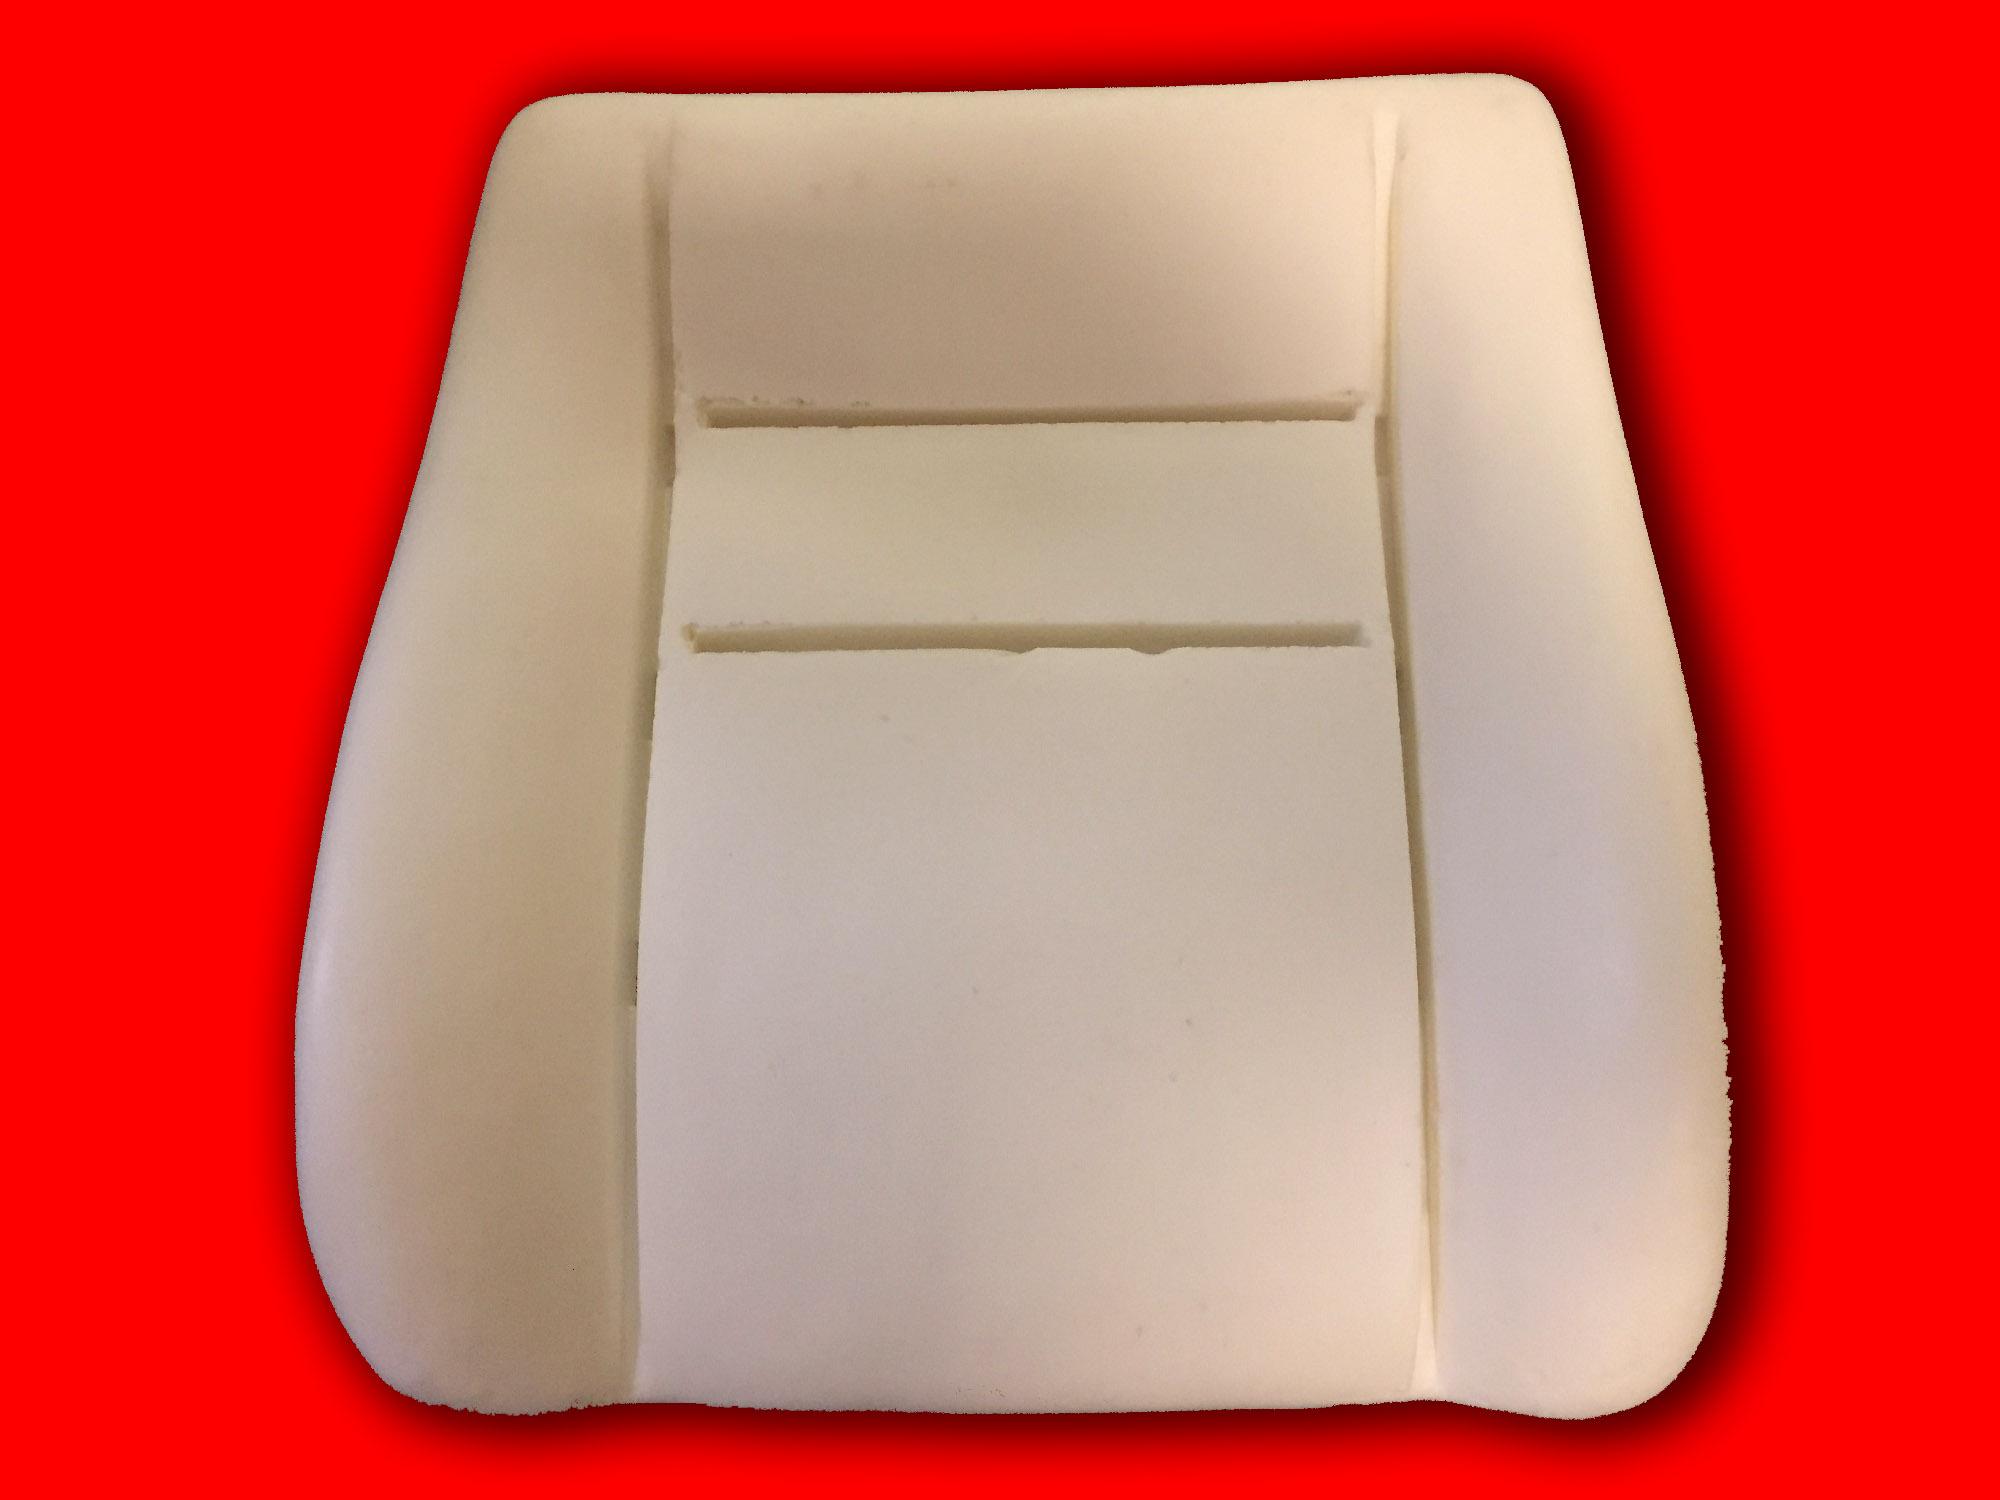 vw volkswagen t5 sitzpolster r ckenlehne schaumstoff. Black Bedroom Furniture Sets. Home Design Ideas